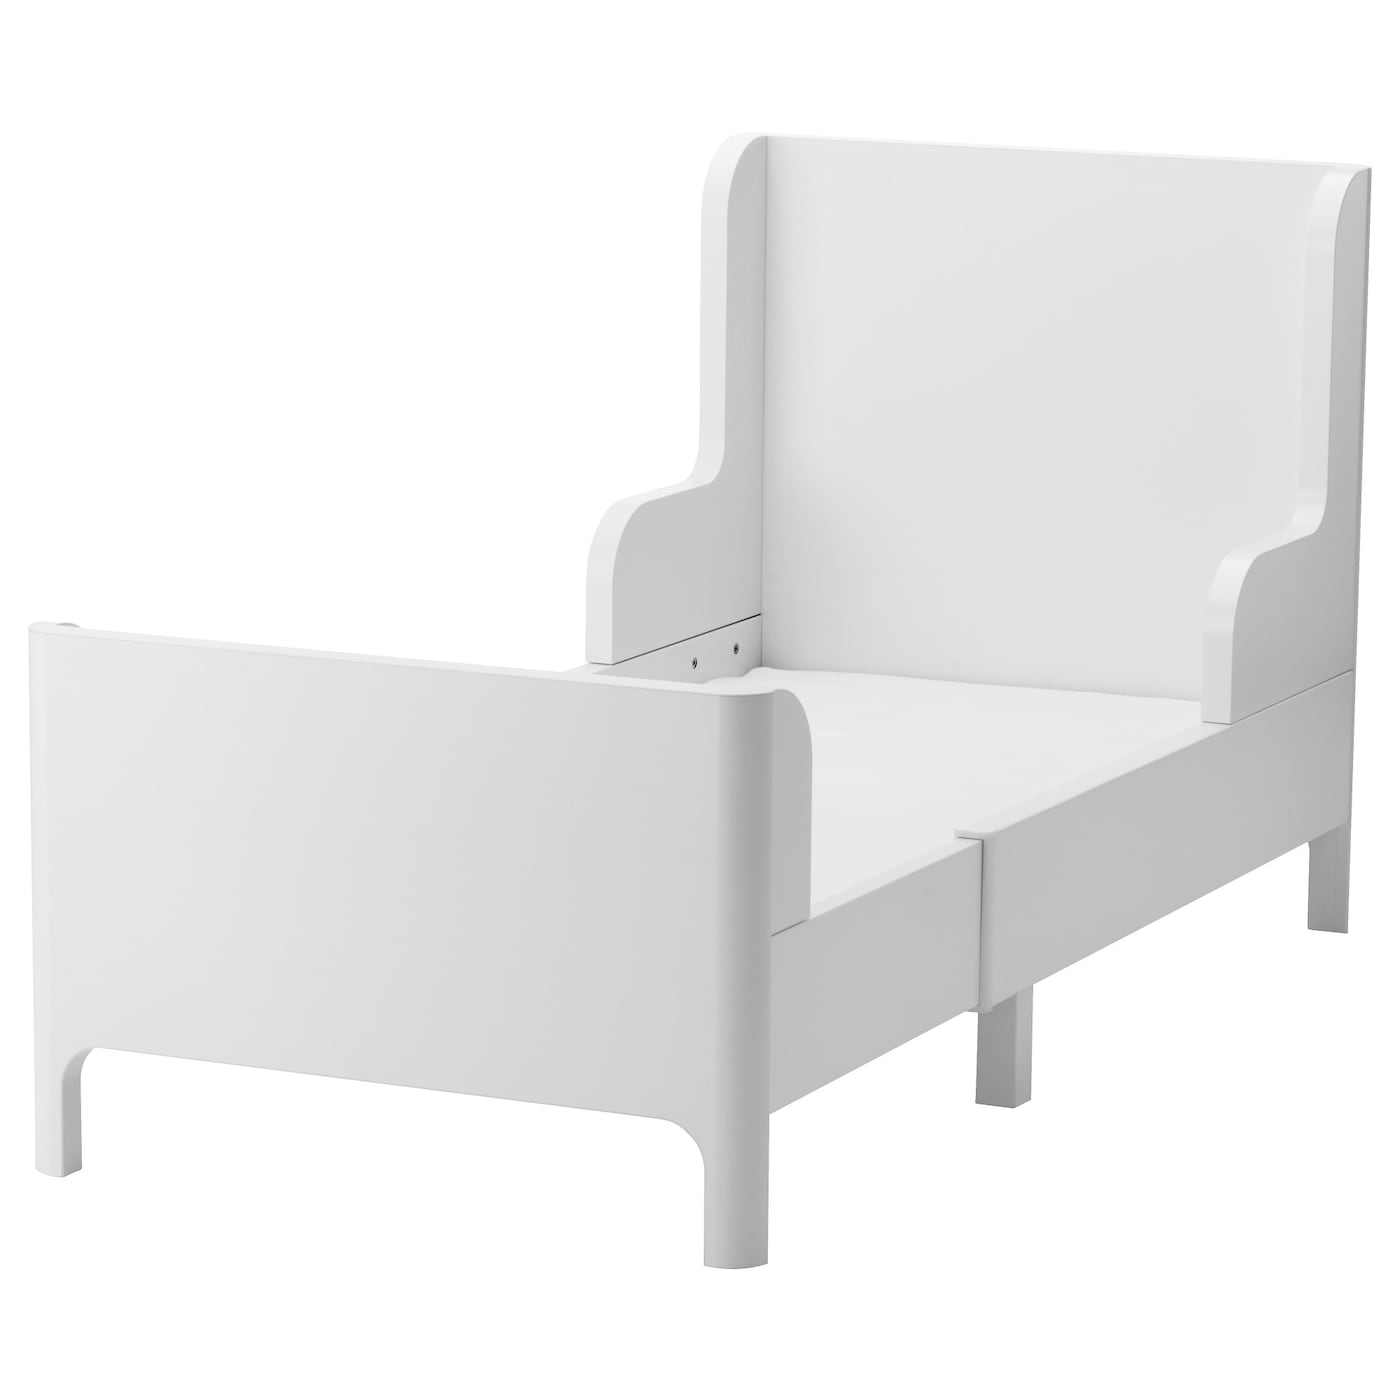 bad hngend hngend with bad hngend bitmooninfo badezimmer designen badezimmer design bnbnewsco. Black Bedroom Furniture Sets. Home Design Ideas